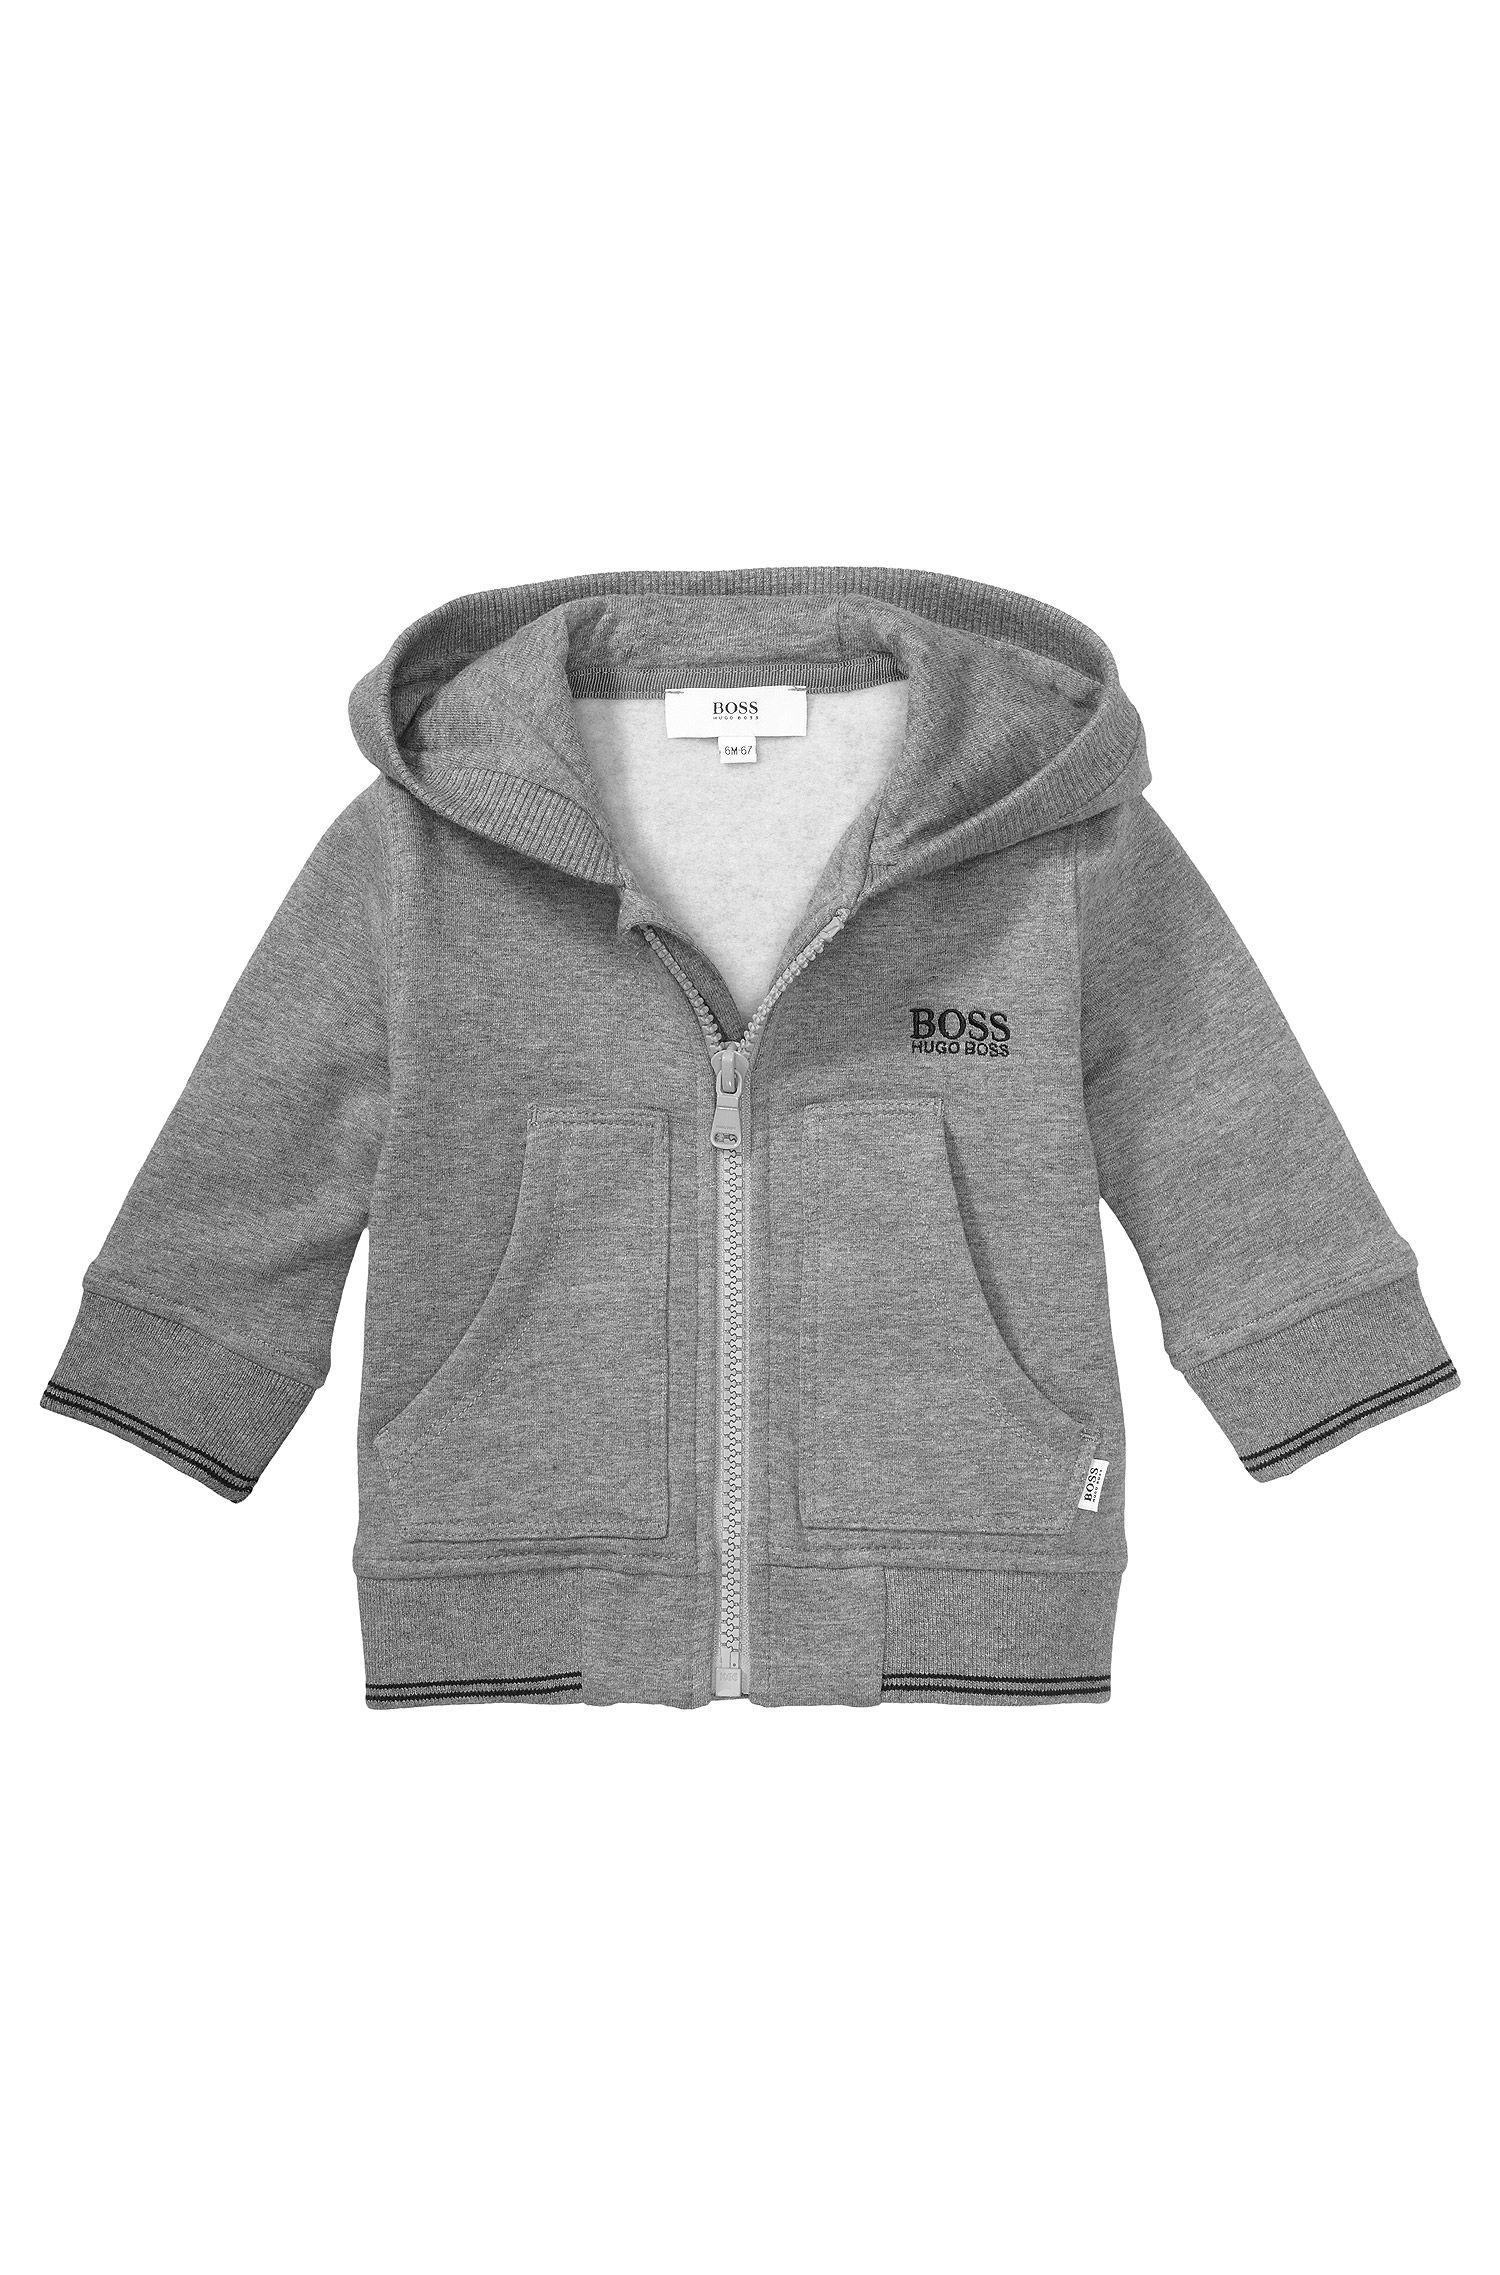 Blouson sweat-shirt pour enfant «J05323» en coton mélangé